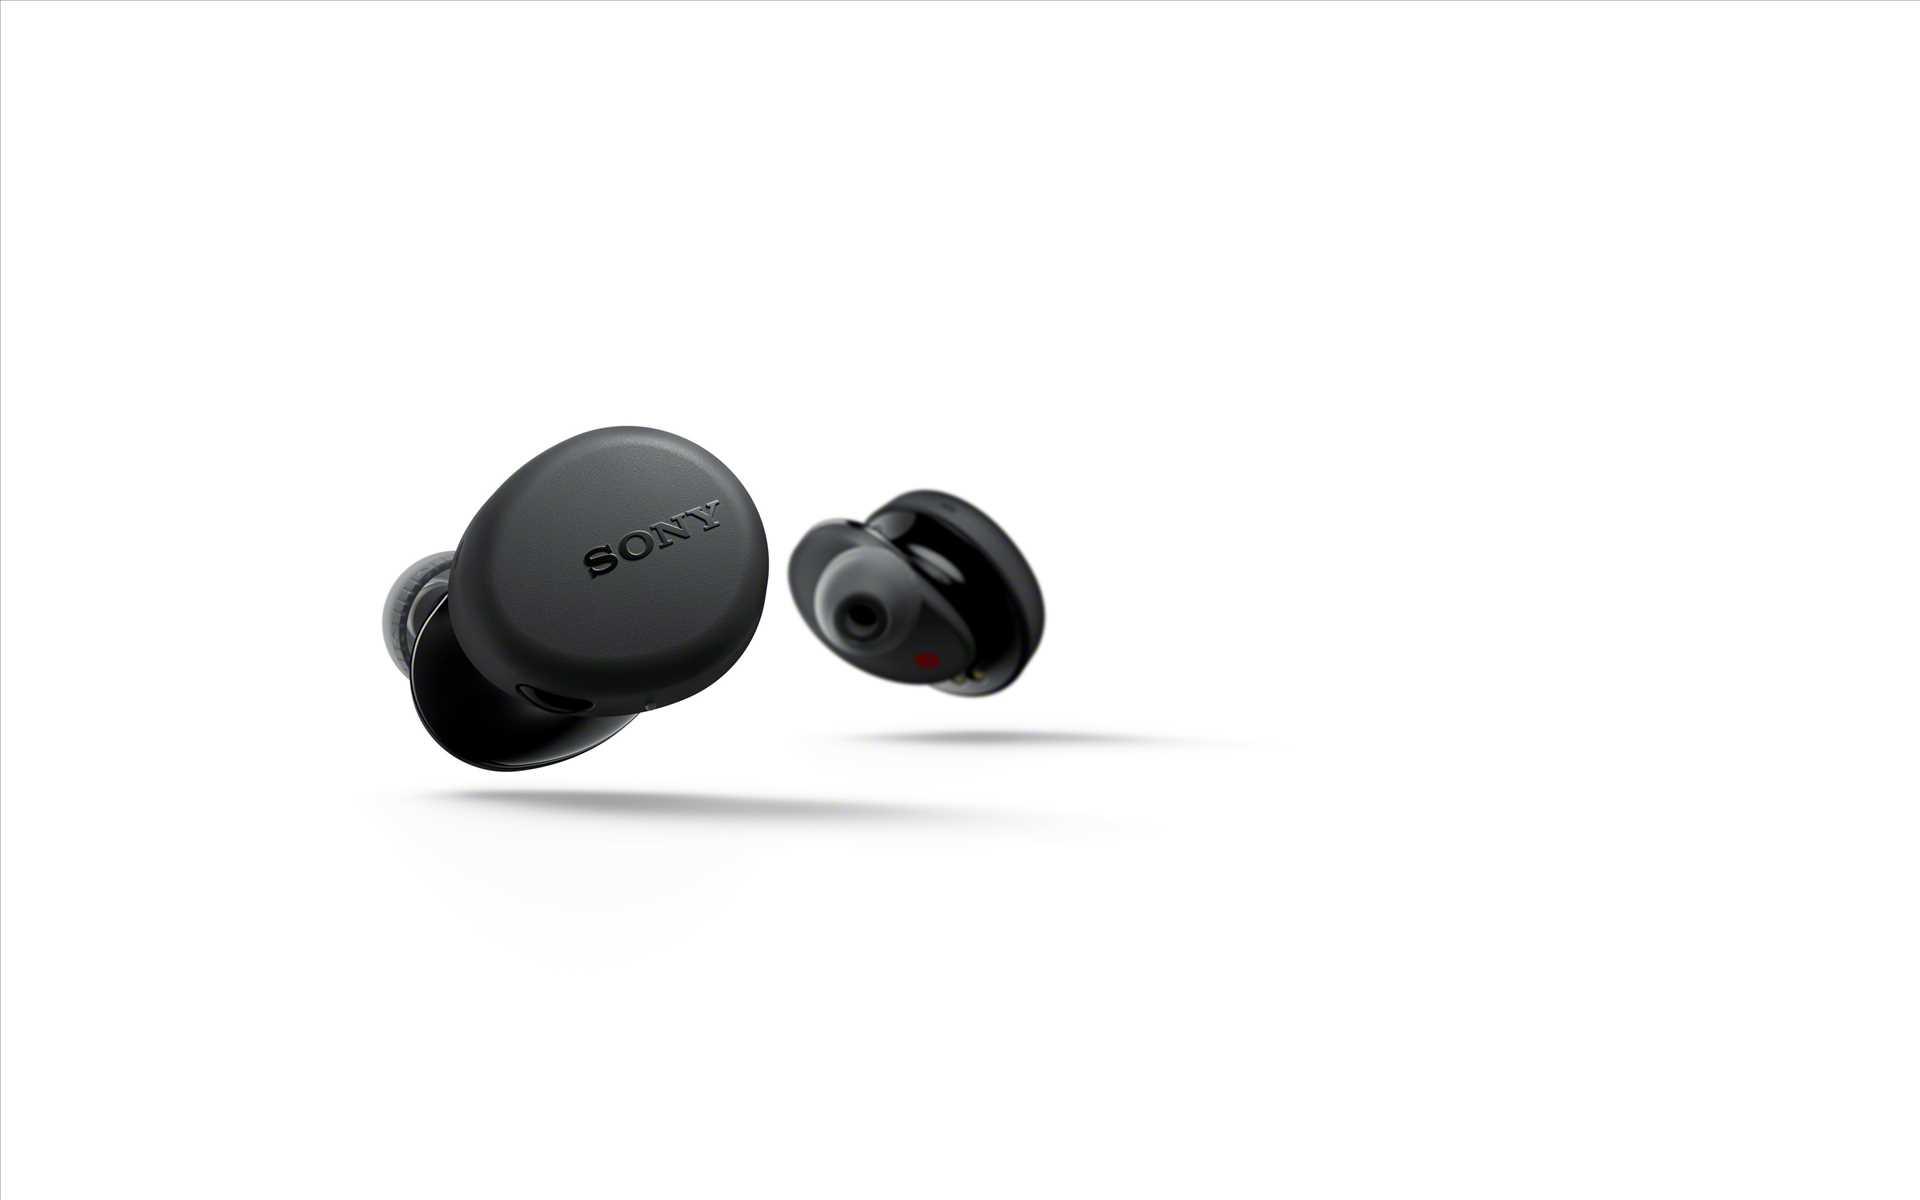 אוזניות Sony WF-XB700B True Wireless סוני שחורות - תמונה 2